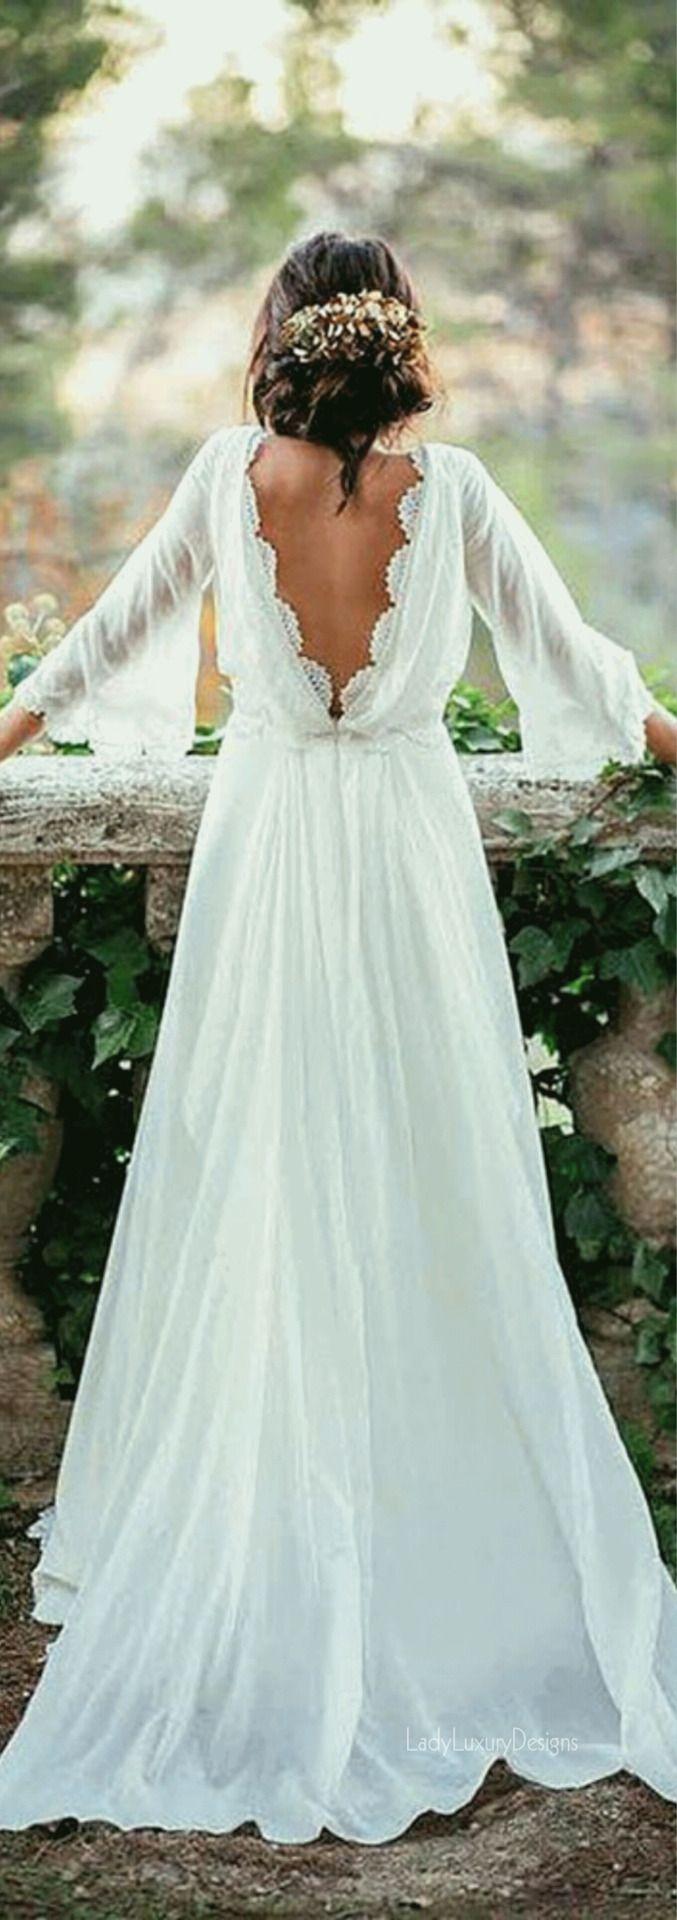 Boho Bridal - LadyLuxury7 | wedding dresses | Pinterest | Boho ...